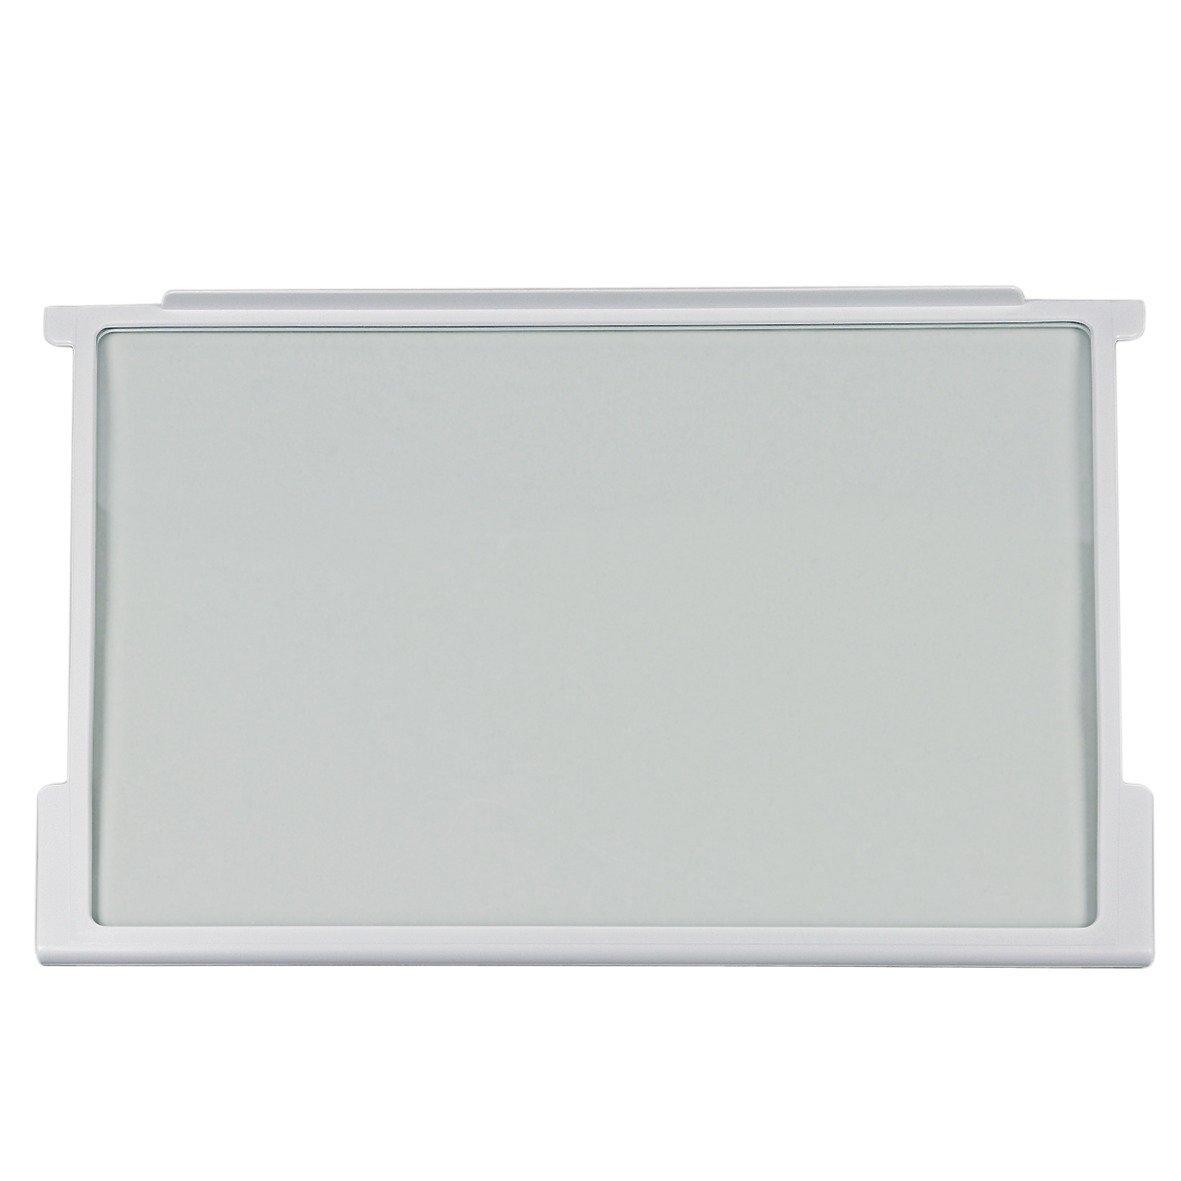 HZI2926 HZI2921 HS2226 HS1826 HI2226 HI1826 HI1526 G3000200 K/ühlschrank Gorenje 163336 ORIGINAL Glasplatte Scheibe Abdeckplatte Glasboden mit Halteleisten f/ürs Lebensmittelfach 465x300x7mm z.T